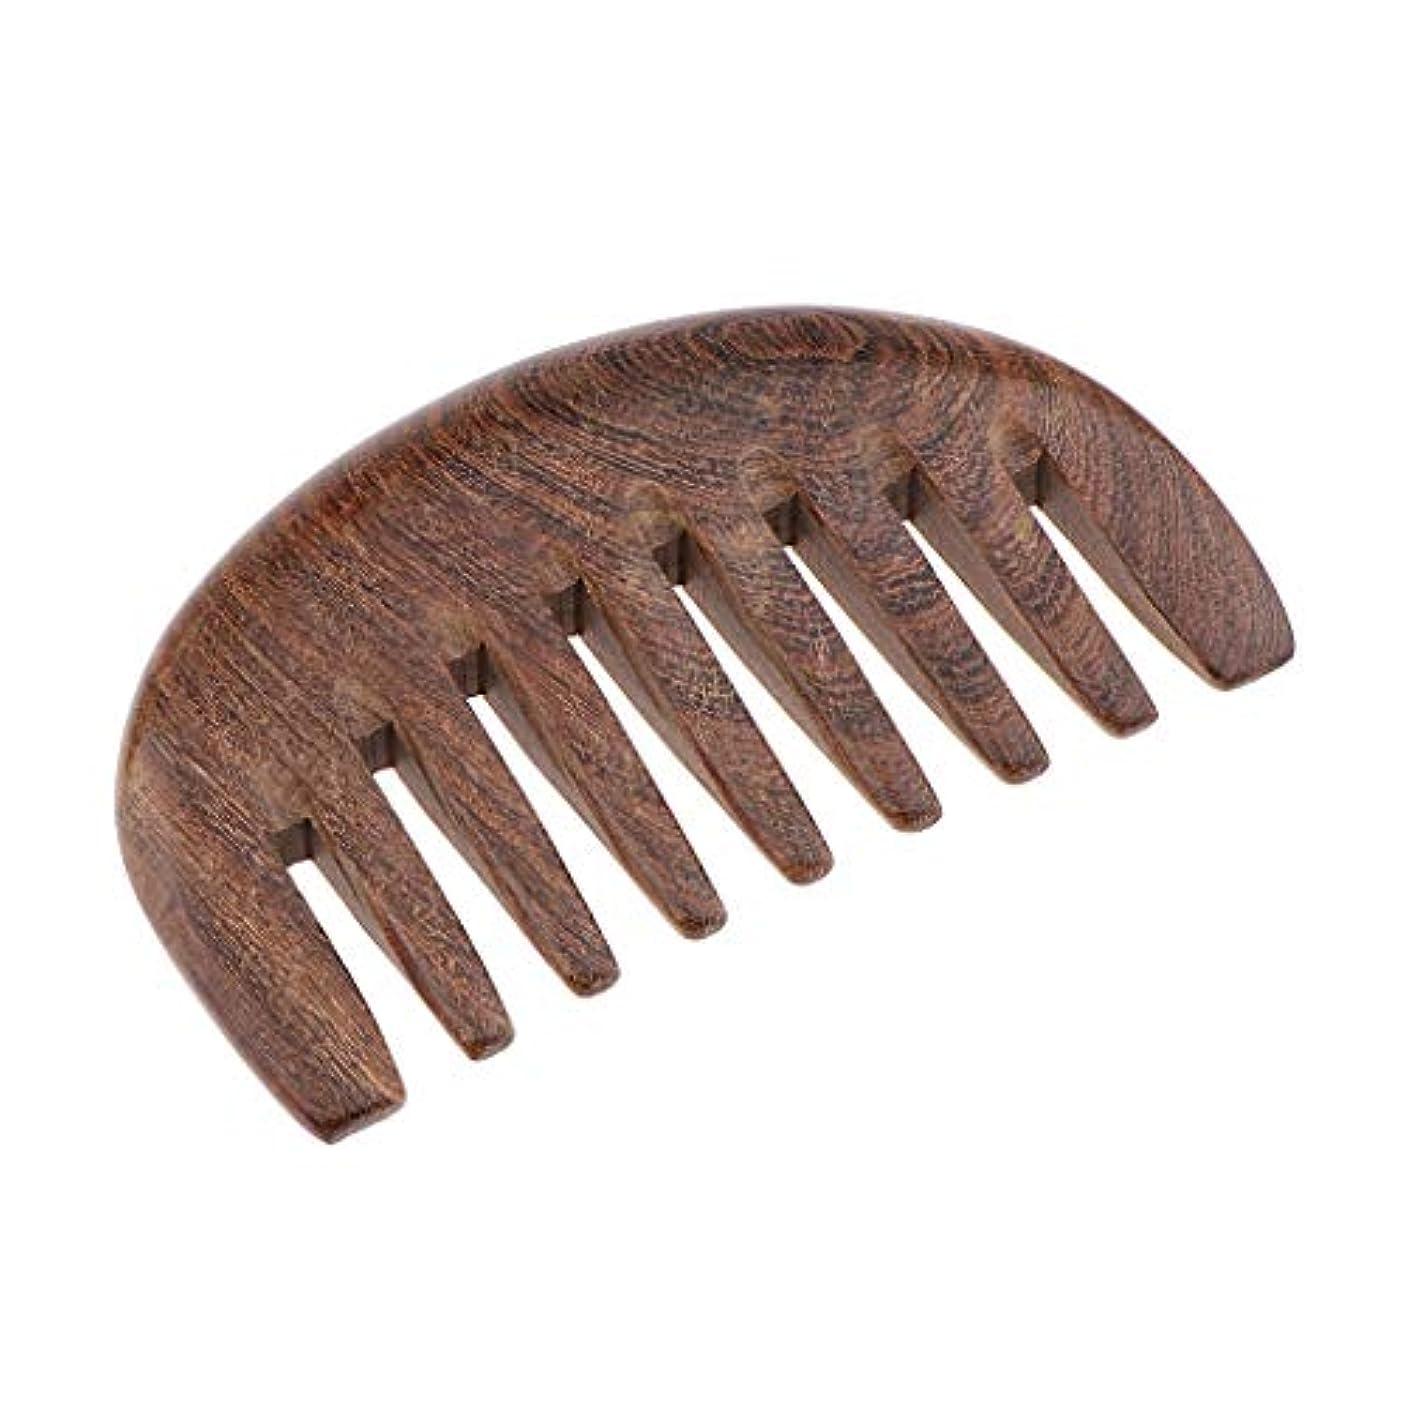 マーケティング摂氏シルエットB Blesiya 木製櫛 ヘアブラシ 帯電防止櫛 人間工学 3色選べ - クロロフォラ